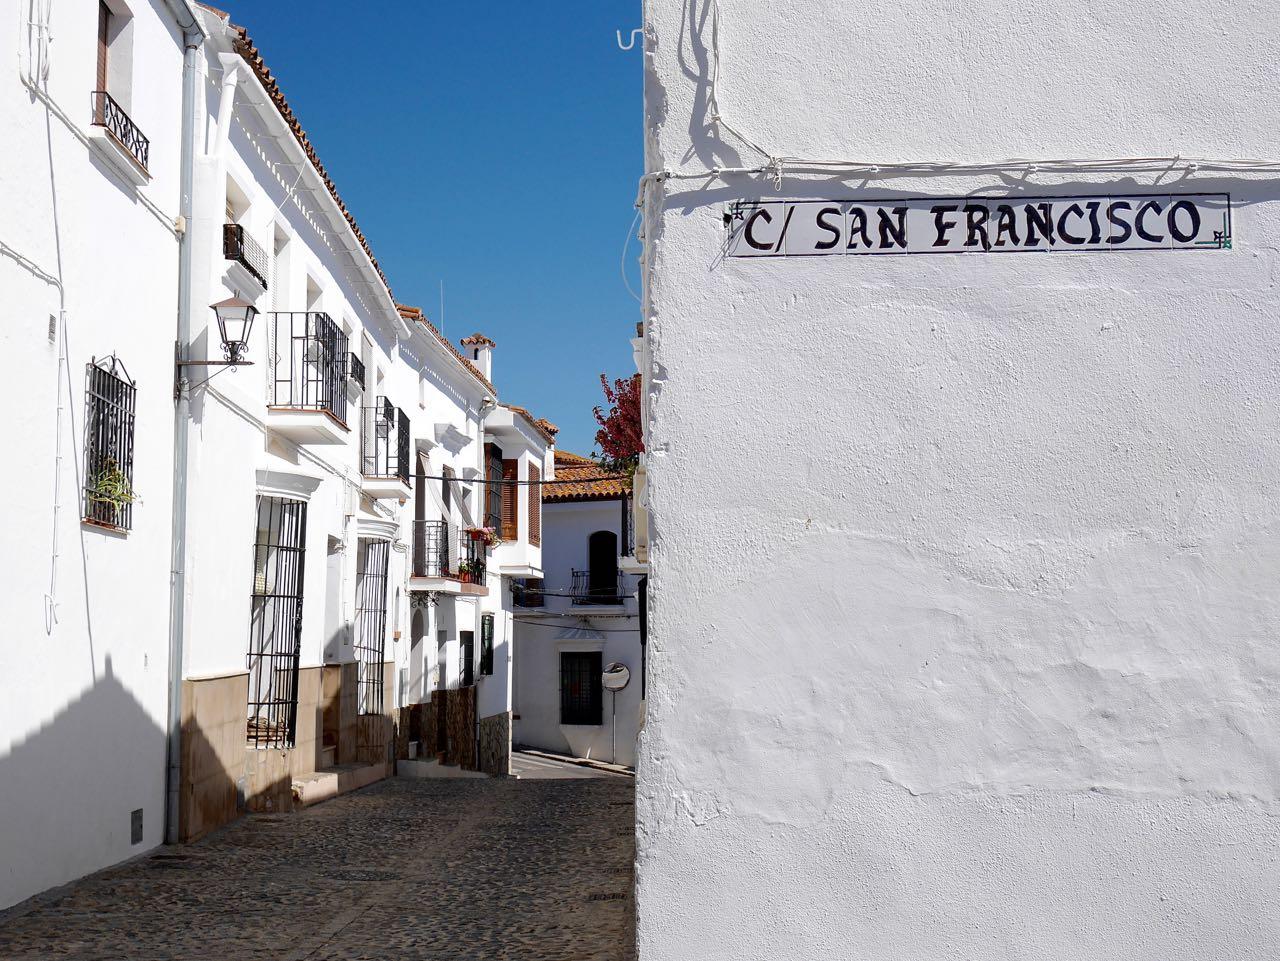 Suivez-moi dans mon road trip en Andalousie